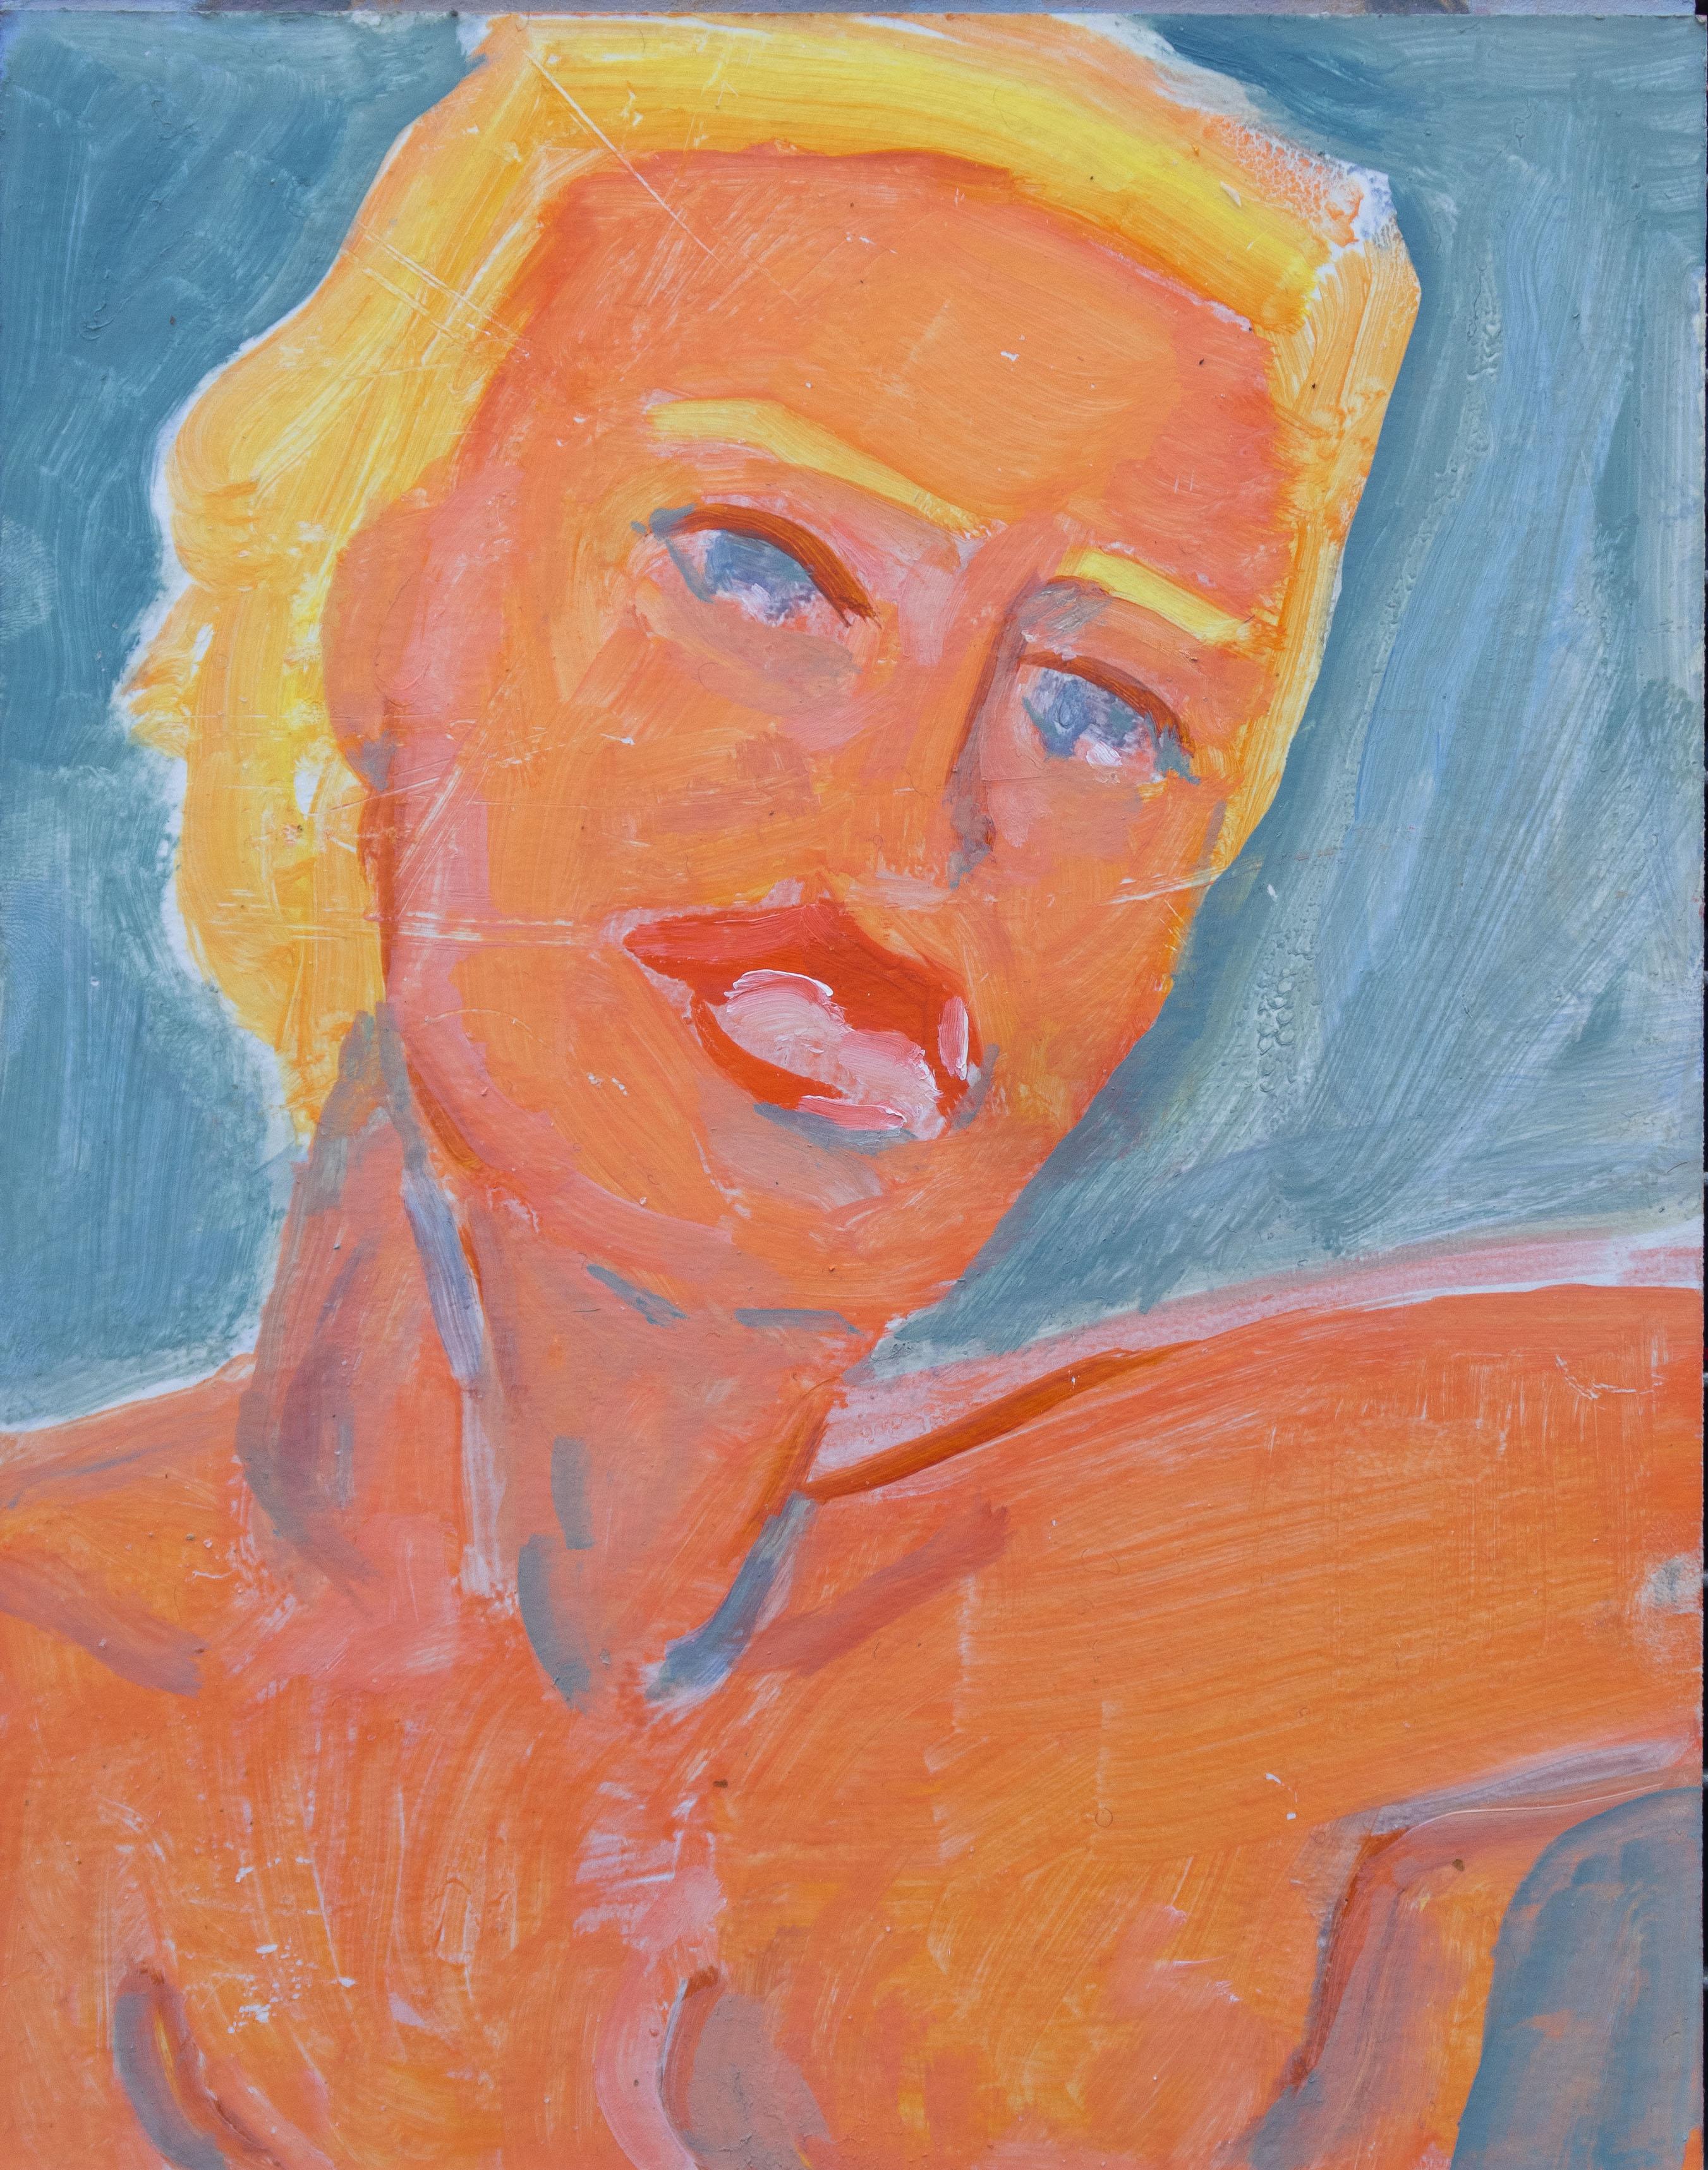 PORTRAIT 2005